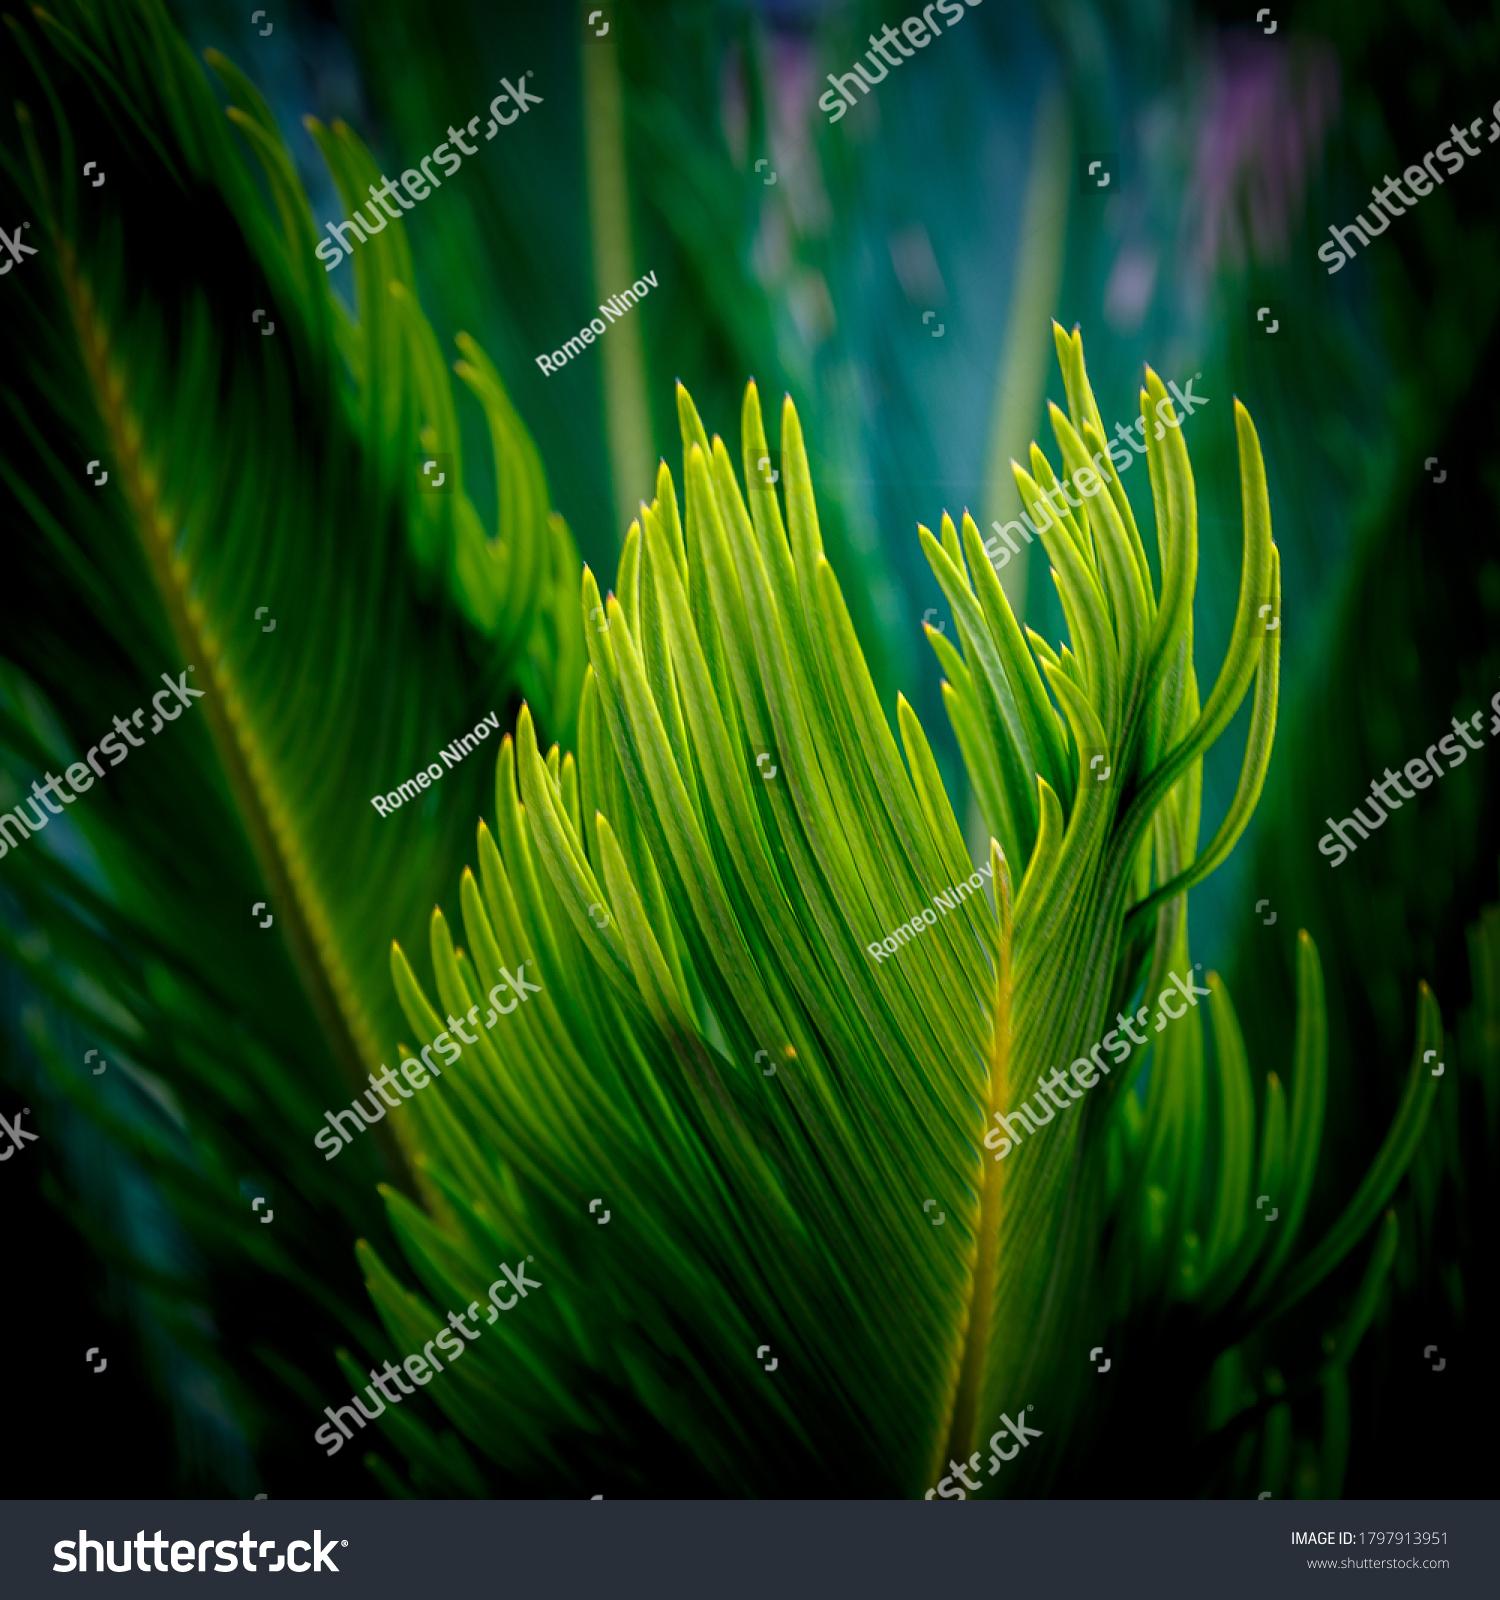 Tips of evergreen leaves in garden